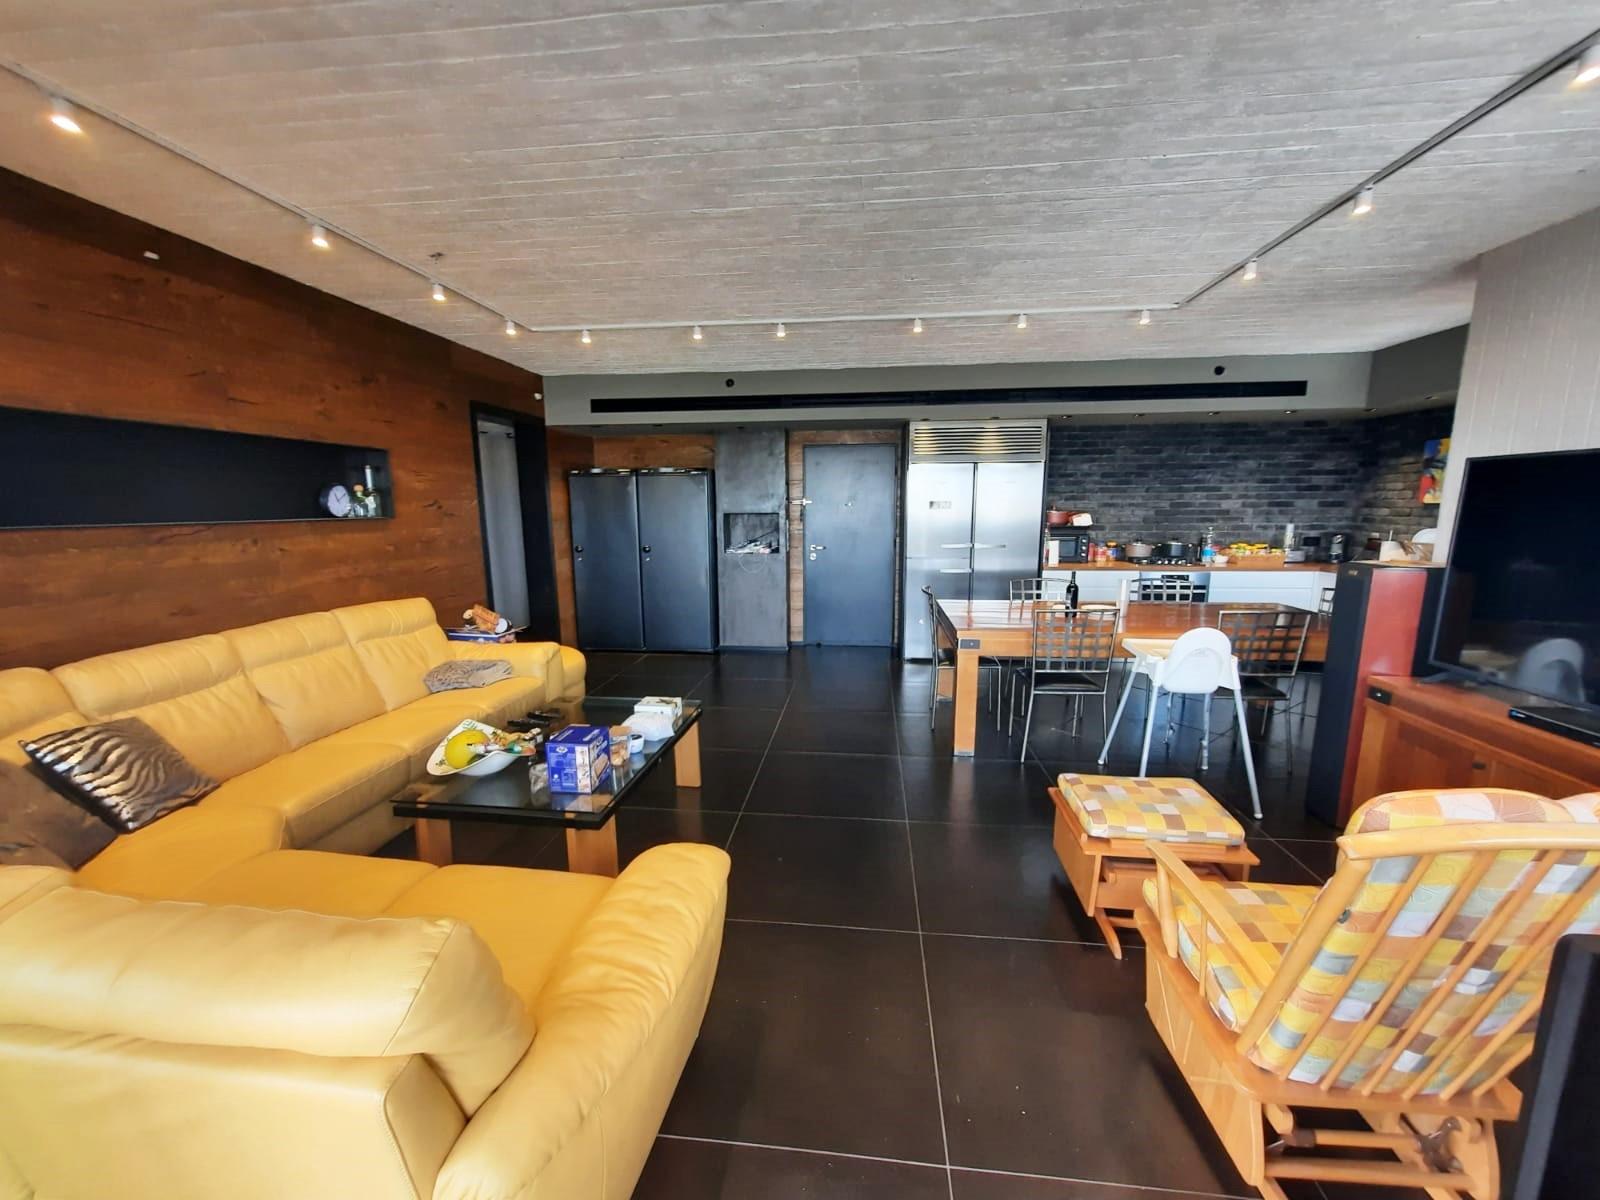 חולון דירה למכירה 5 חדרים 2,950,000₪, חולון